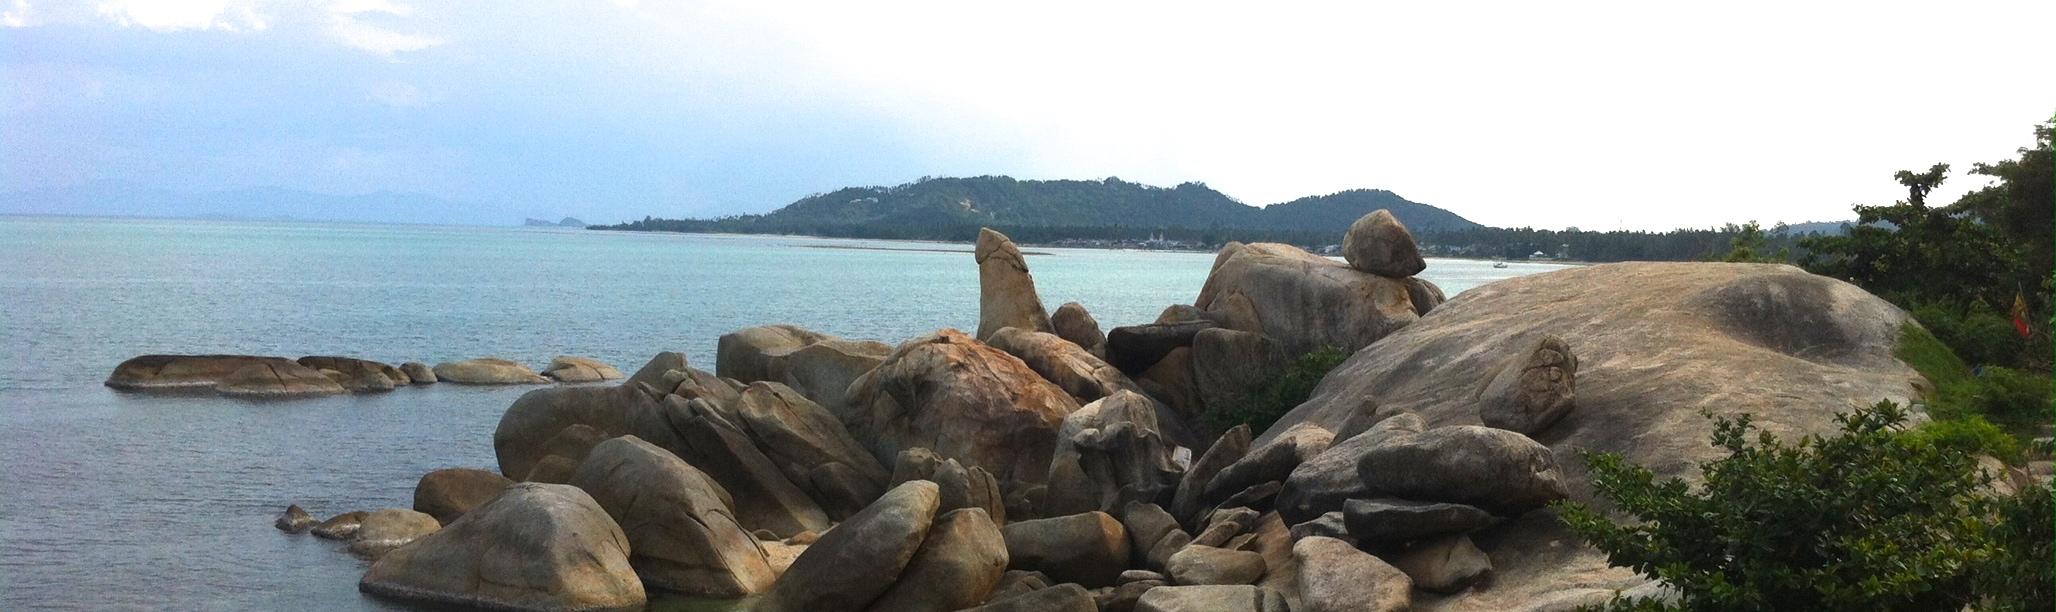 Thailand_Koh Samui_las rocas de Hin Ta y Hin Yai